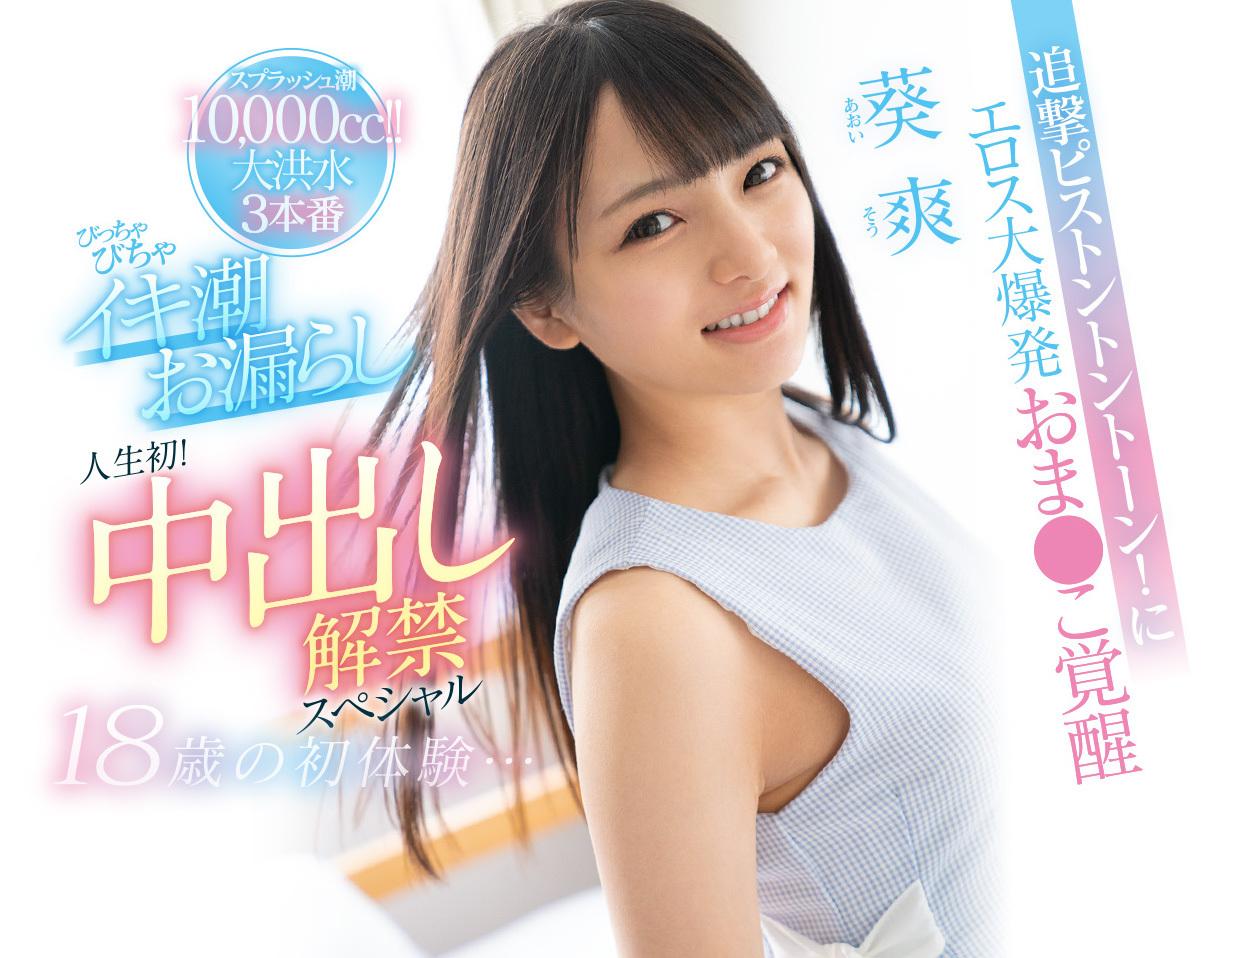 IPIT-018会打篮球的女高中毕业生葵爽同时在两家公司出镜差别有一些大呀 (1)